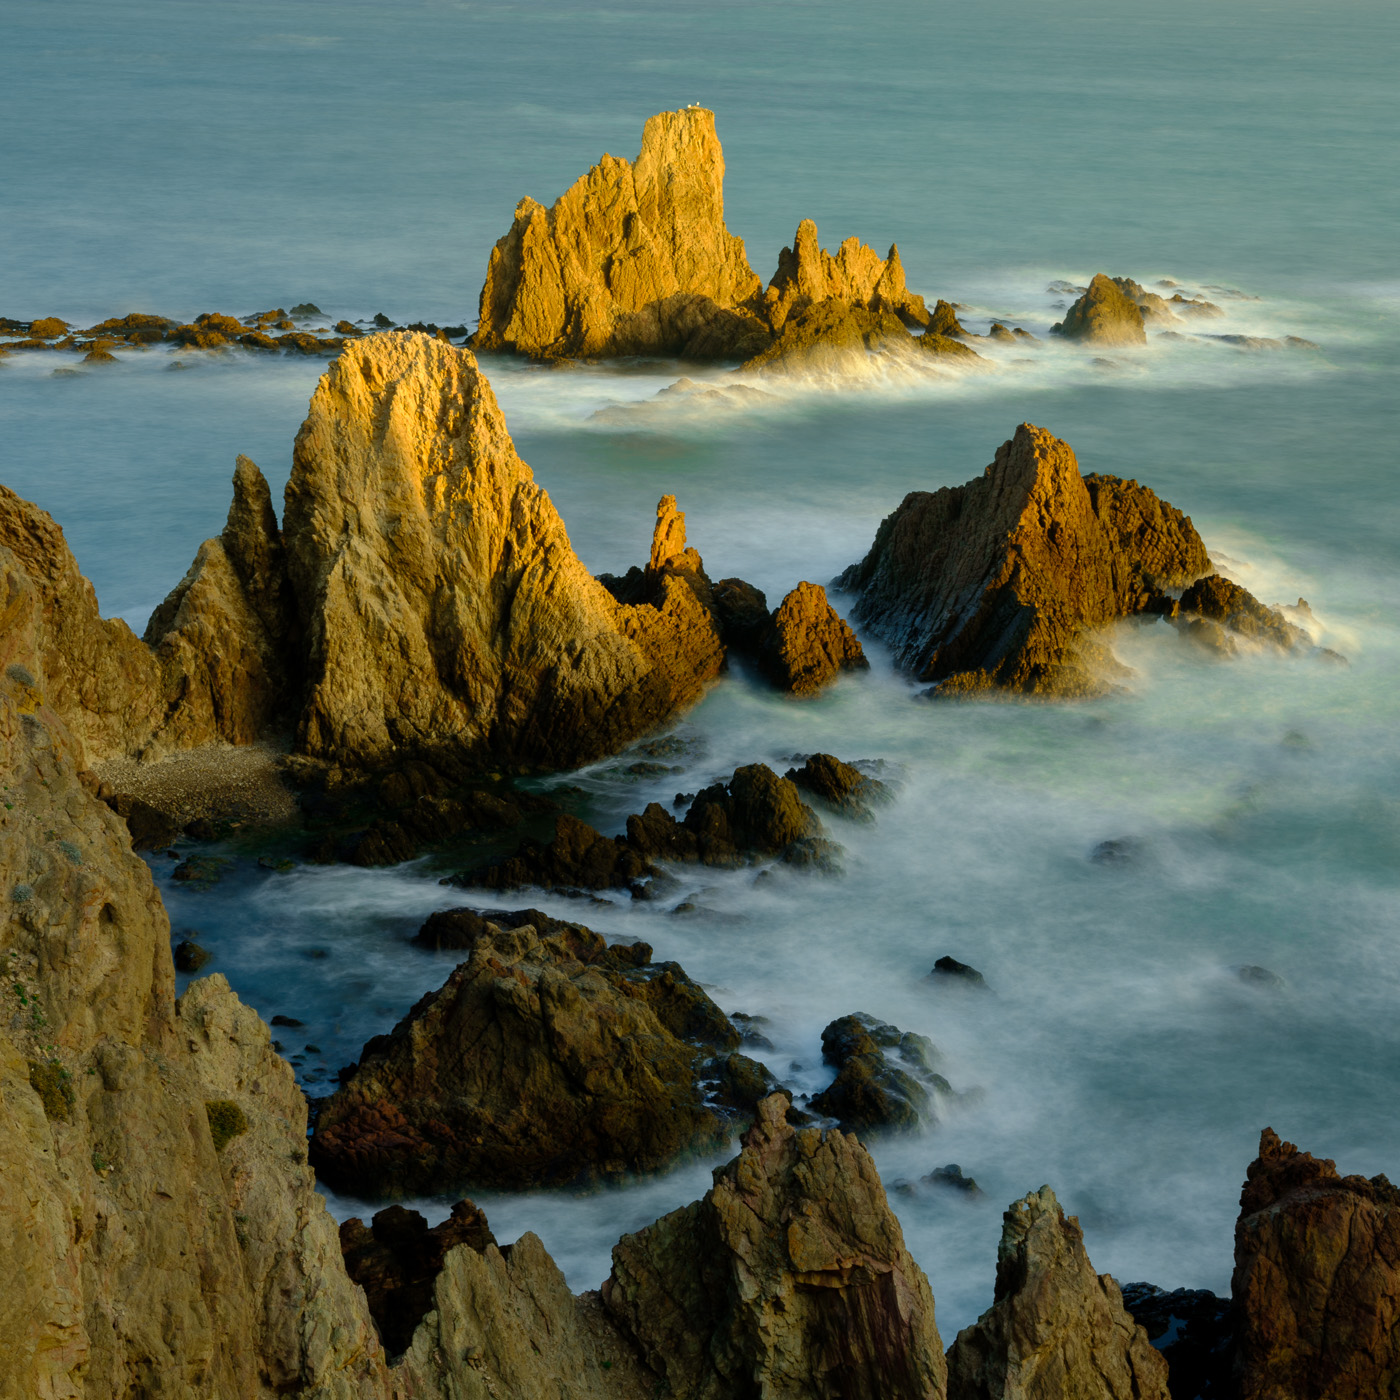 Cabo de Gata, Spain Fujifilm GFX50S (the second) with GF63mm - iso 100 - 13 seconds - f/32